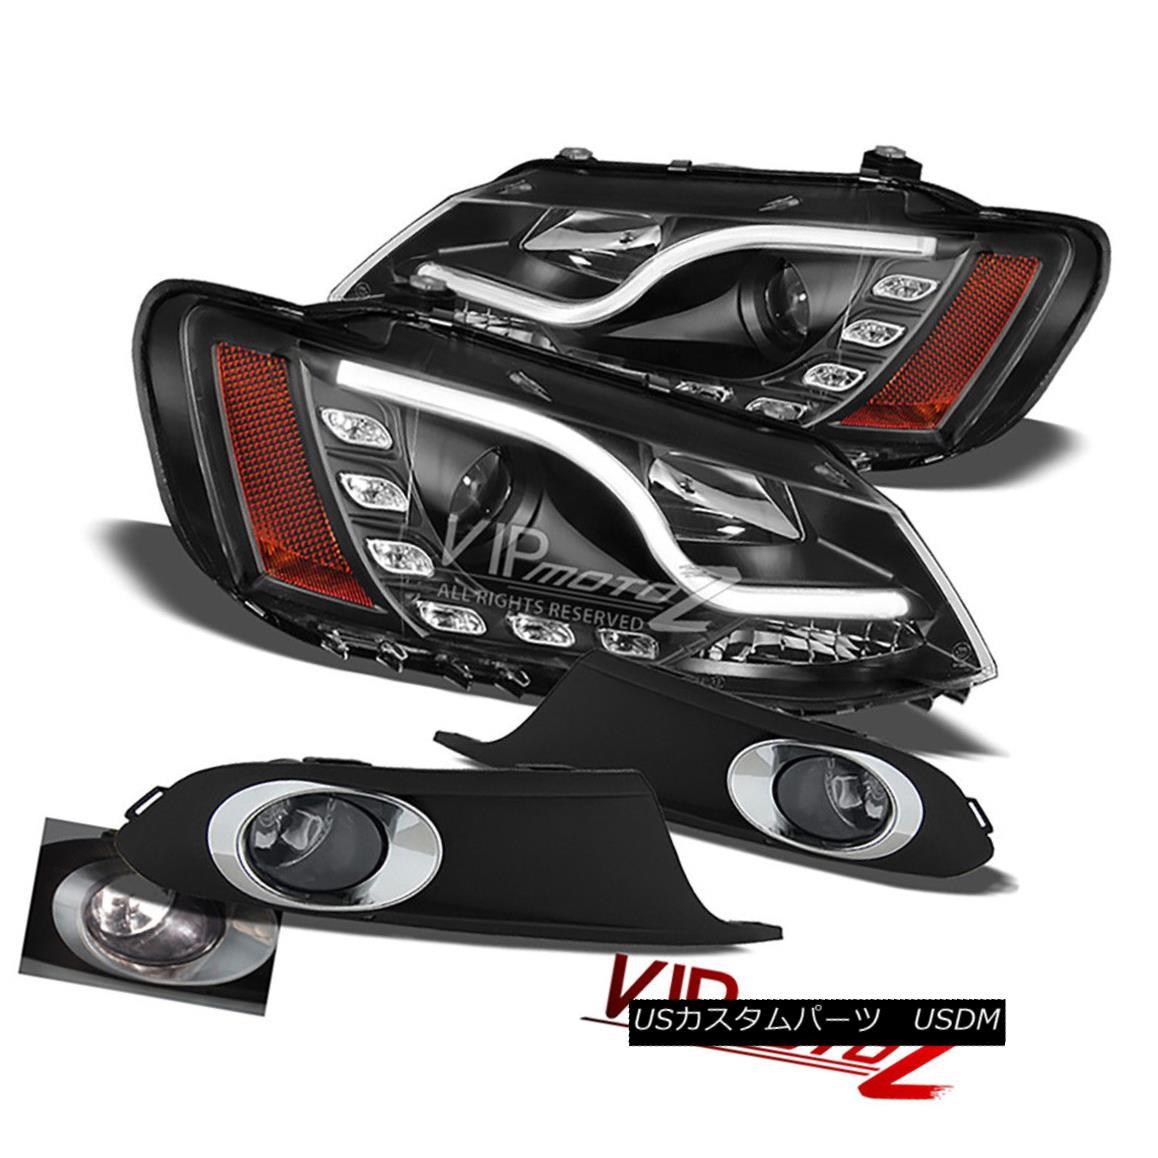 ヘッドライト {BLACK} Halo Projector L+R Headlight+Fog Light 2011-2014 VOLKSWAGEN VW JETTA MK6 {BLACK}ヘイロープロジェクターL + Rヘッドライト+フォグライト2011-2014フォルクスワーゲンVWジェッタMK6